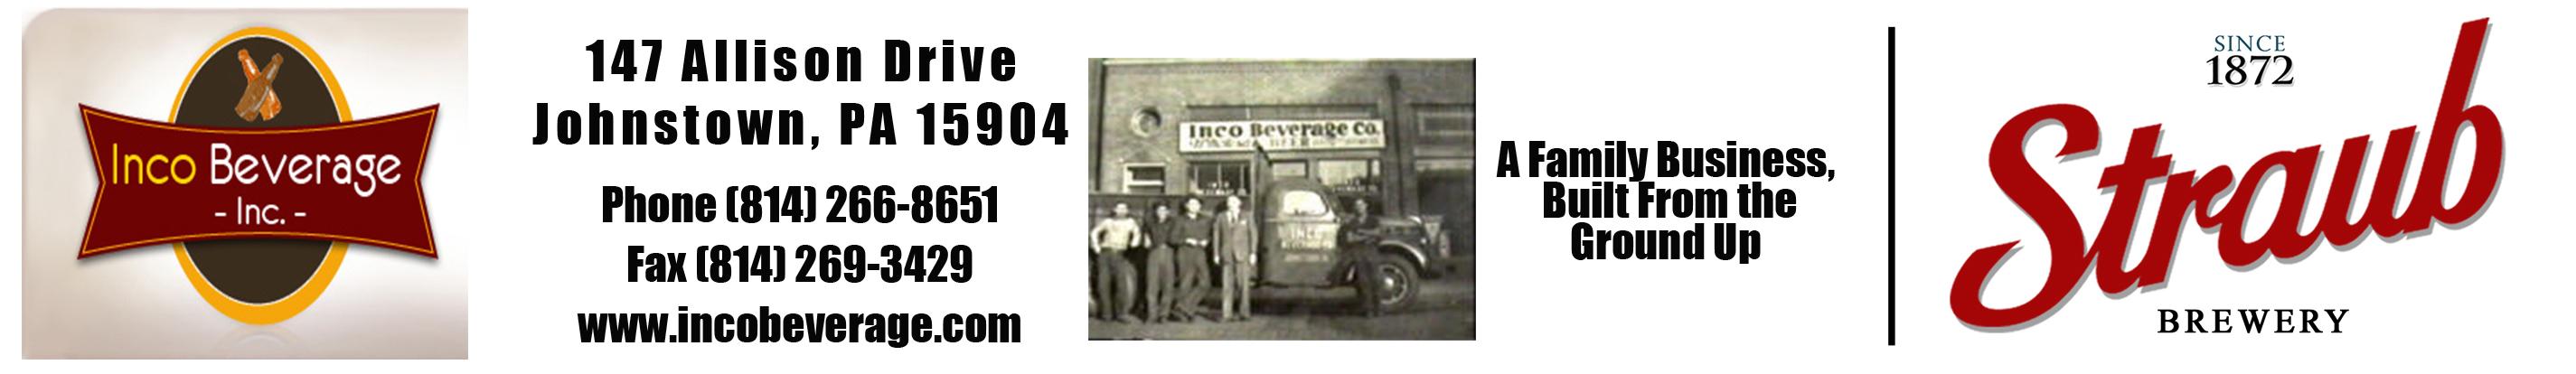 Inco Beverage Straub Beer